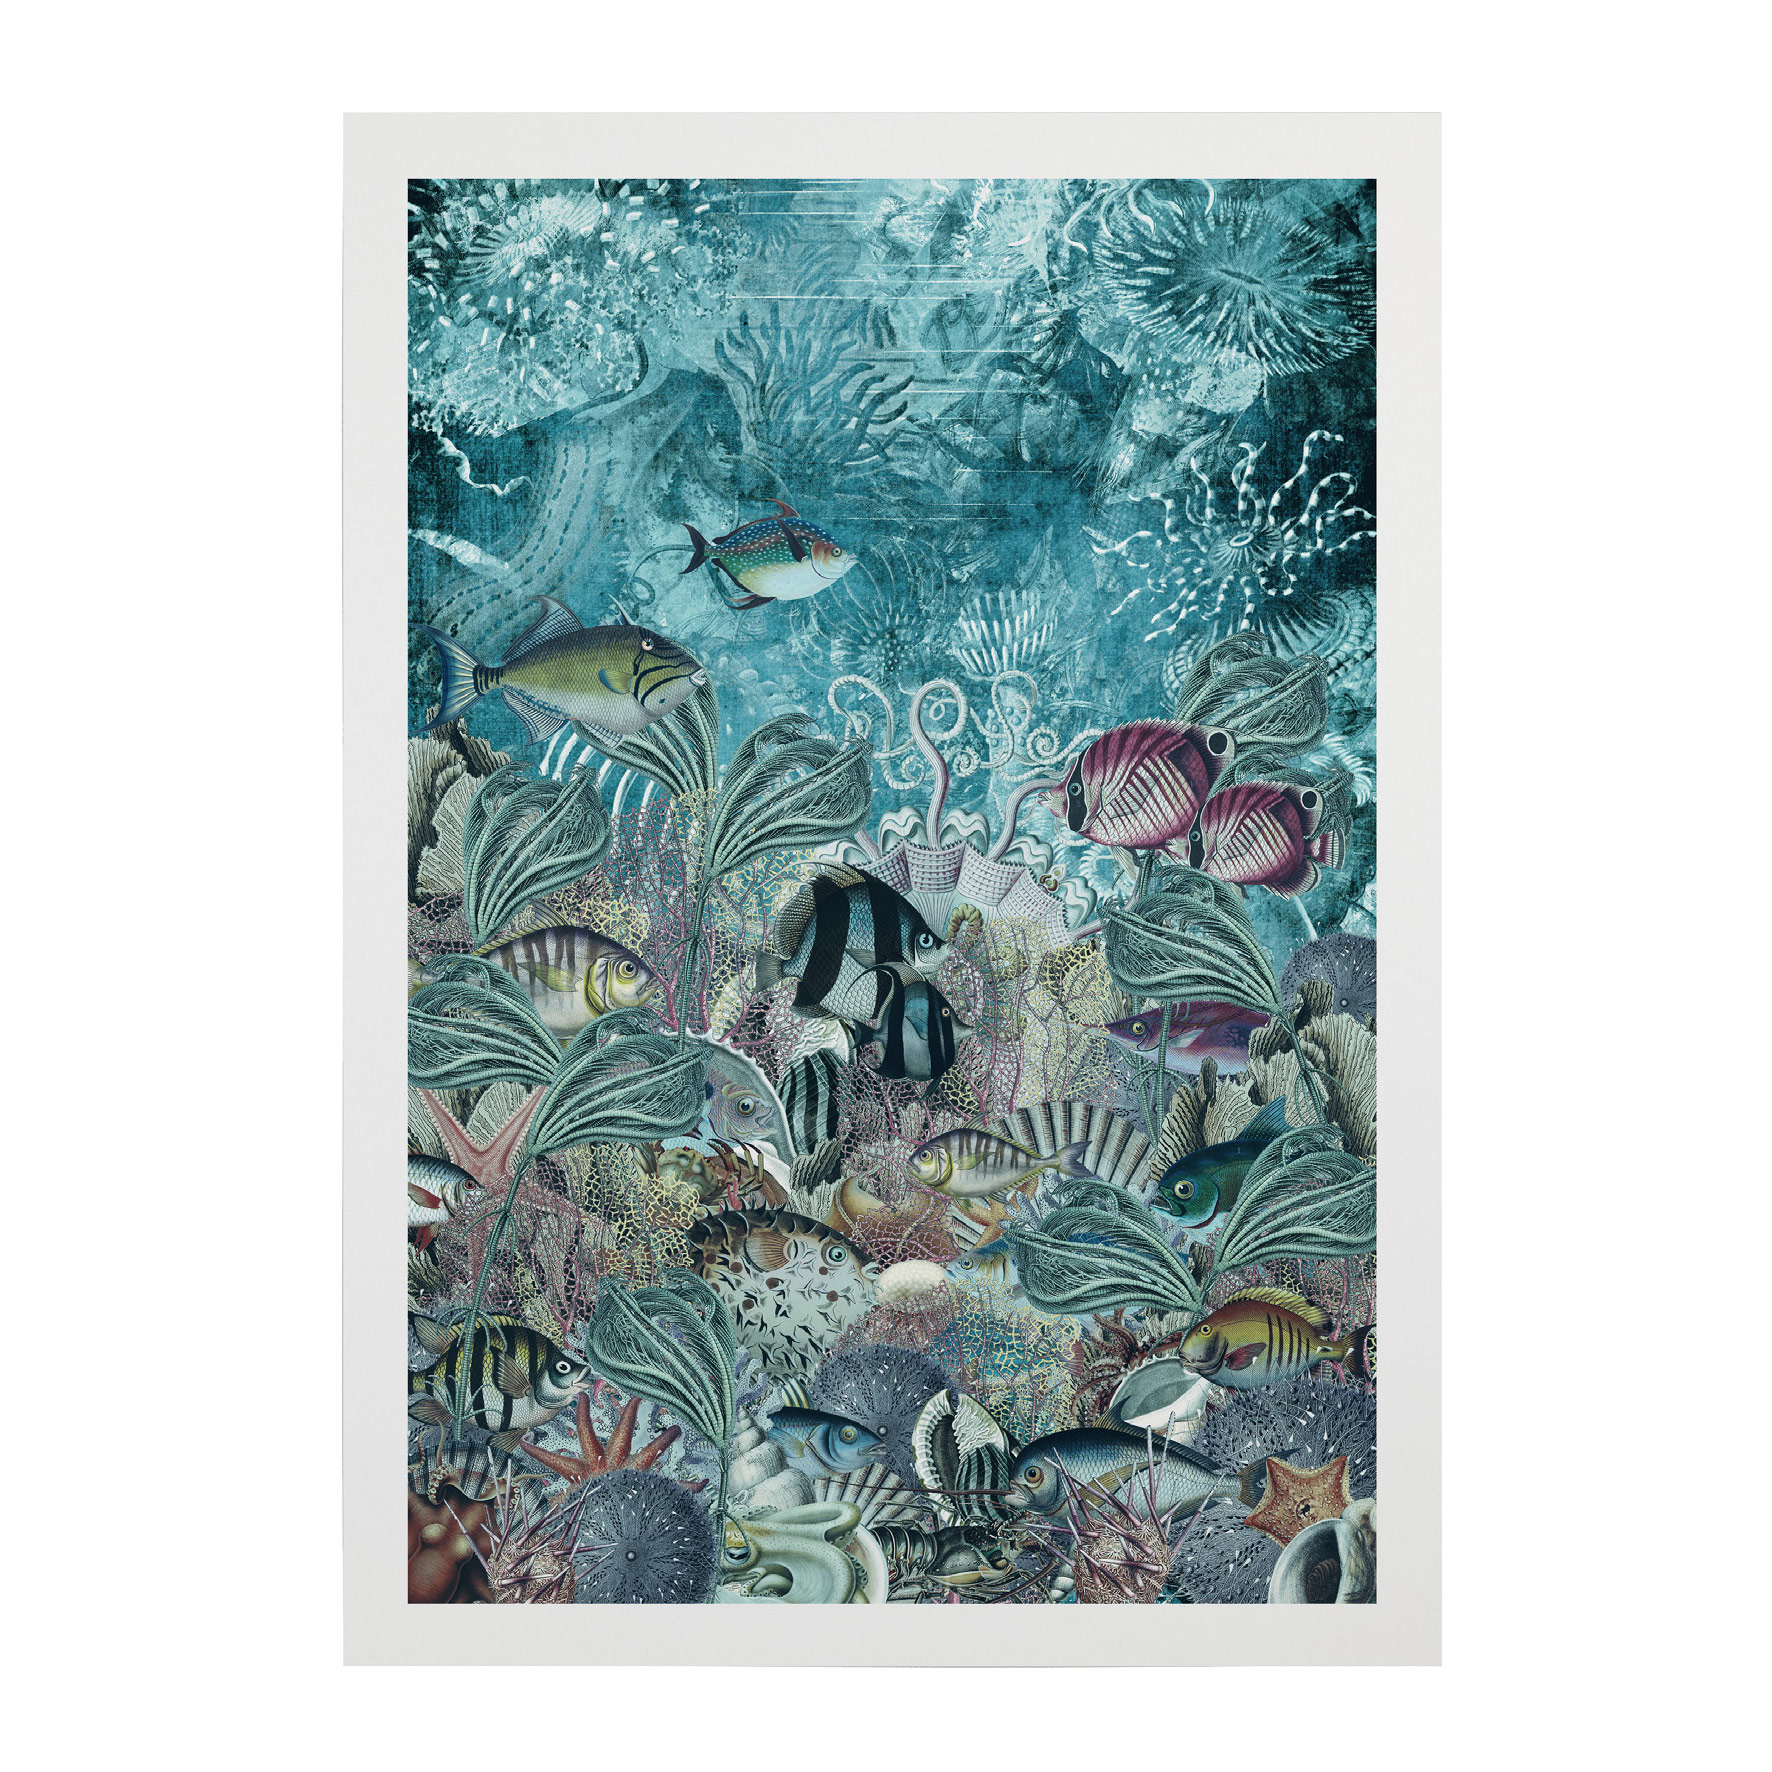 SHOAL-OF-FISH-WEB-PICS-6